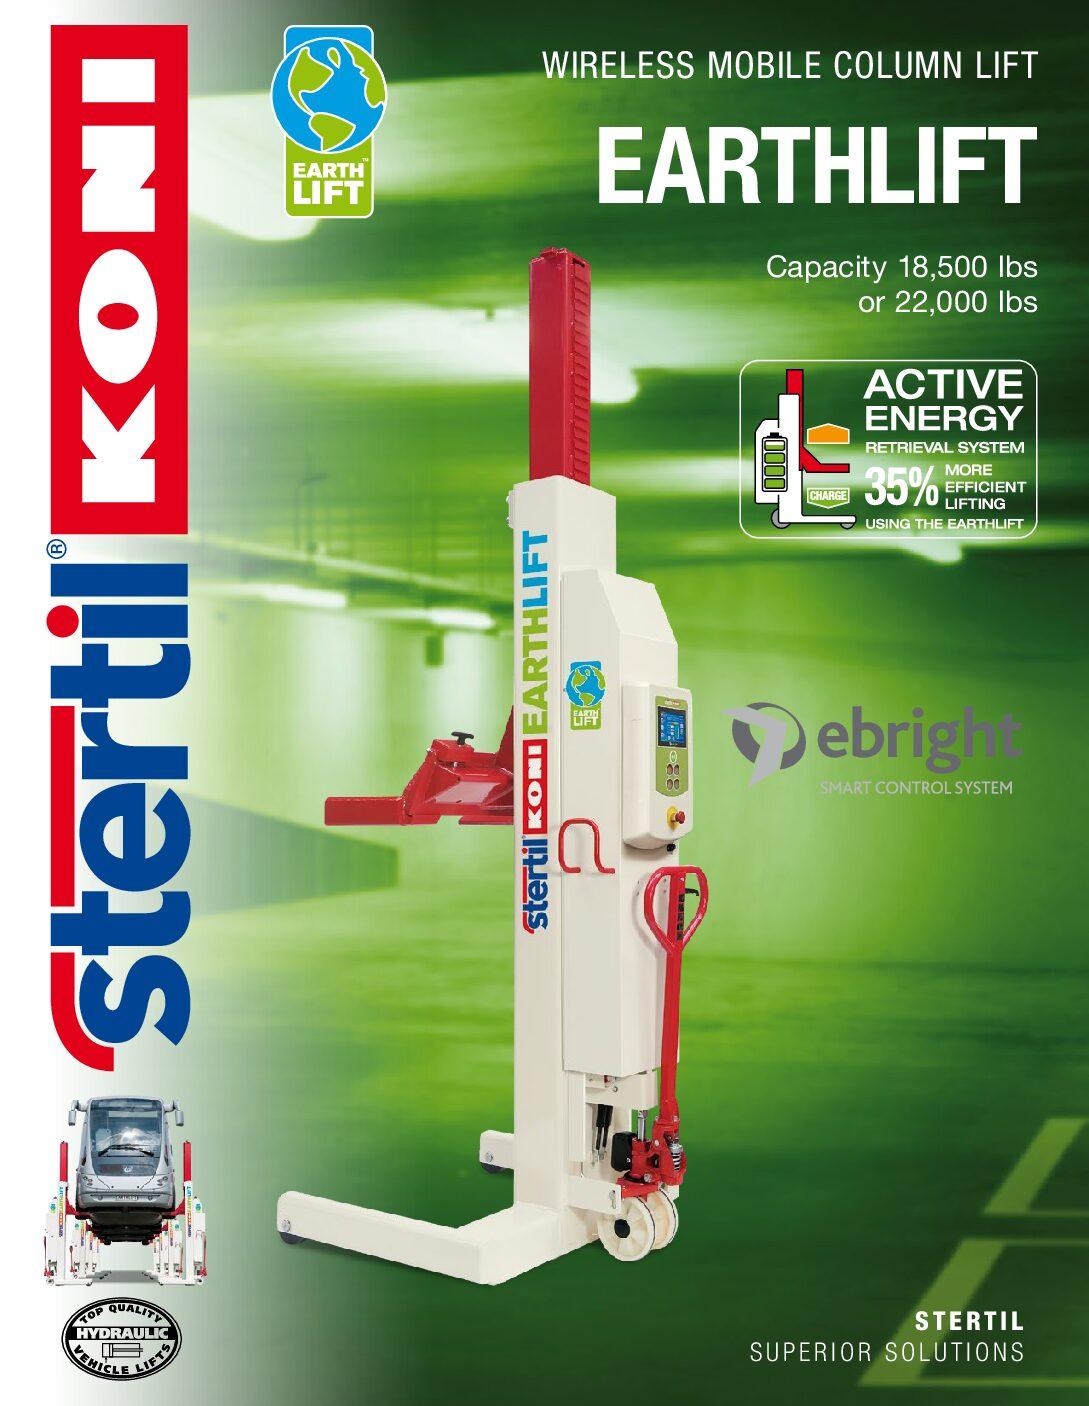 Stertil-Koni: EARTHLIFT – US Version